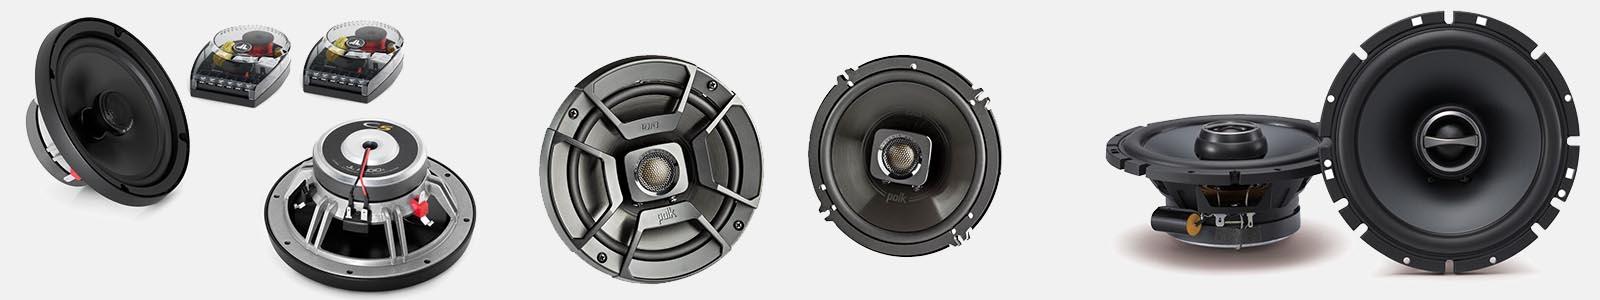 speakers-01-01-1.jpg